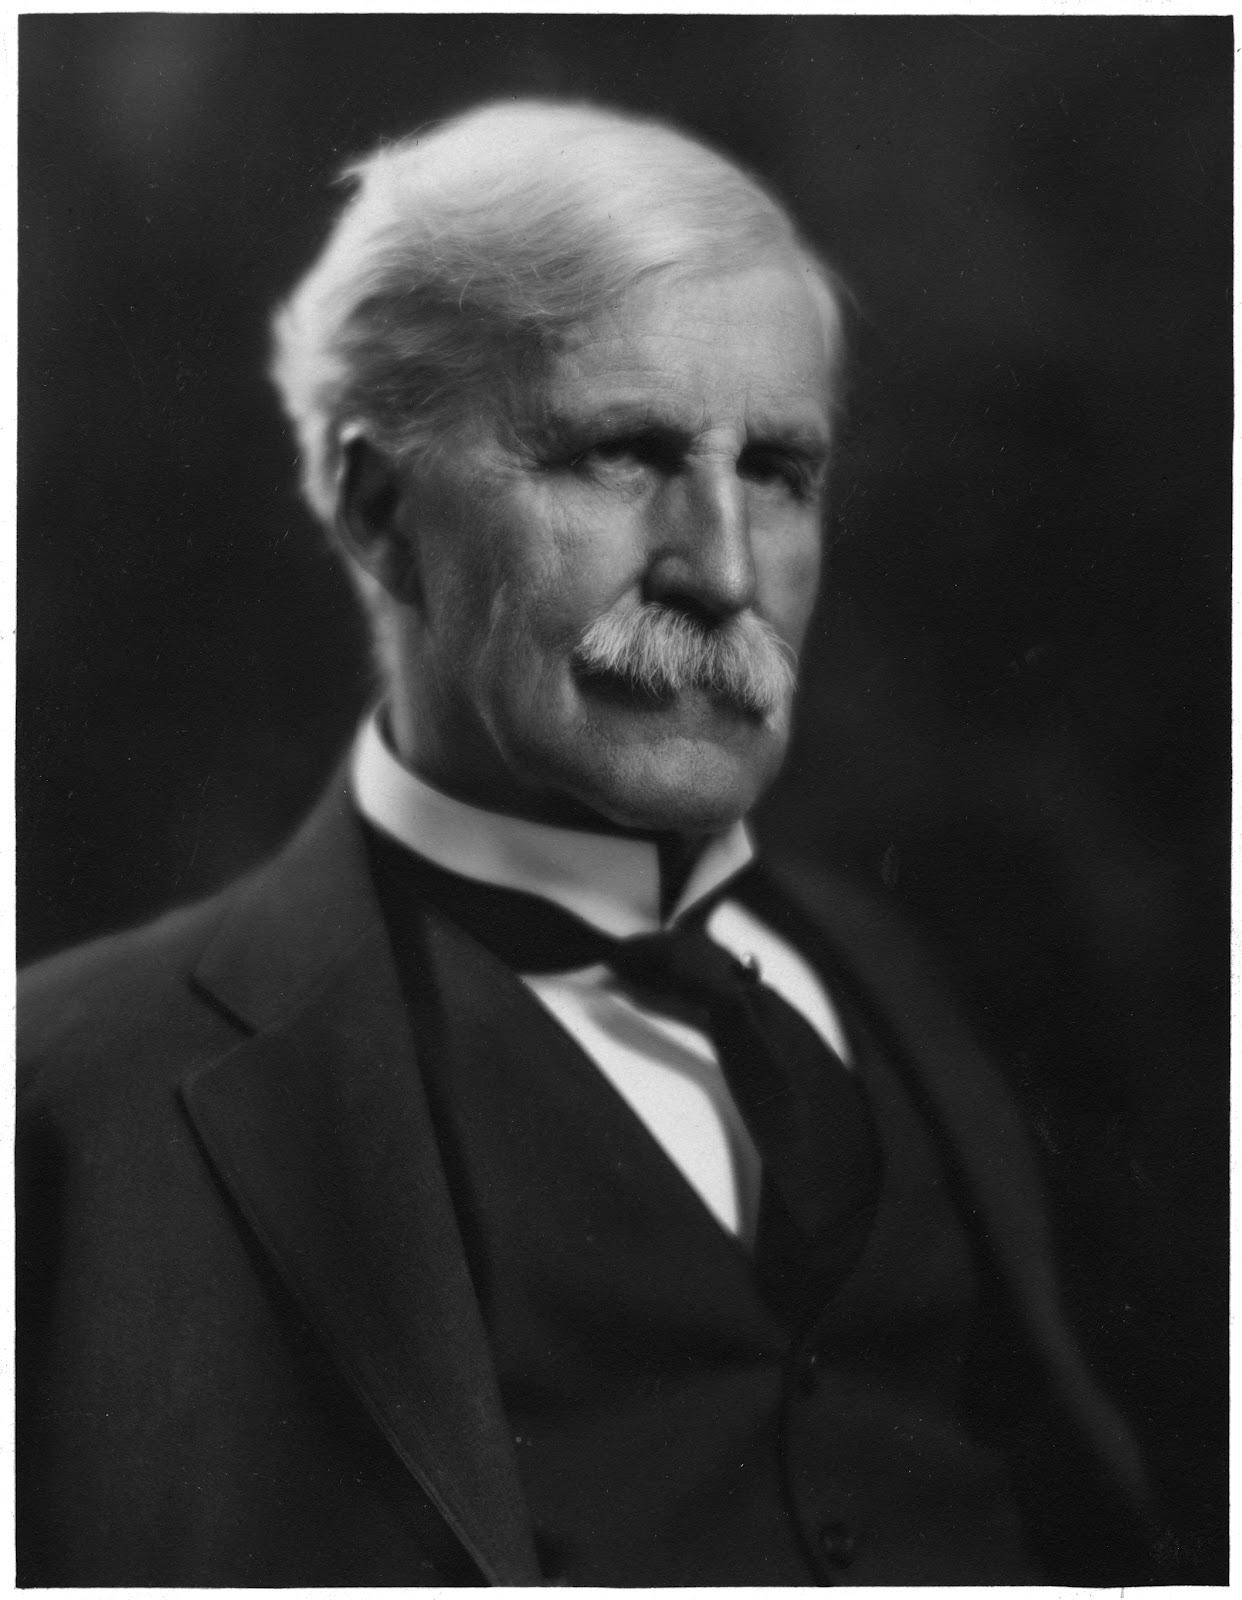 John D. Rockefeller Oil